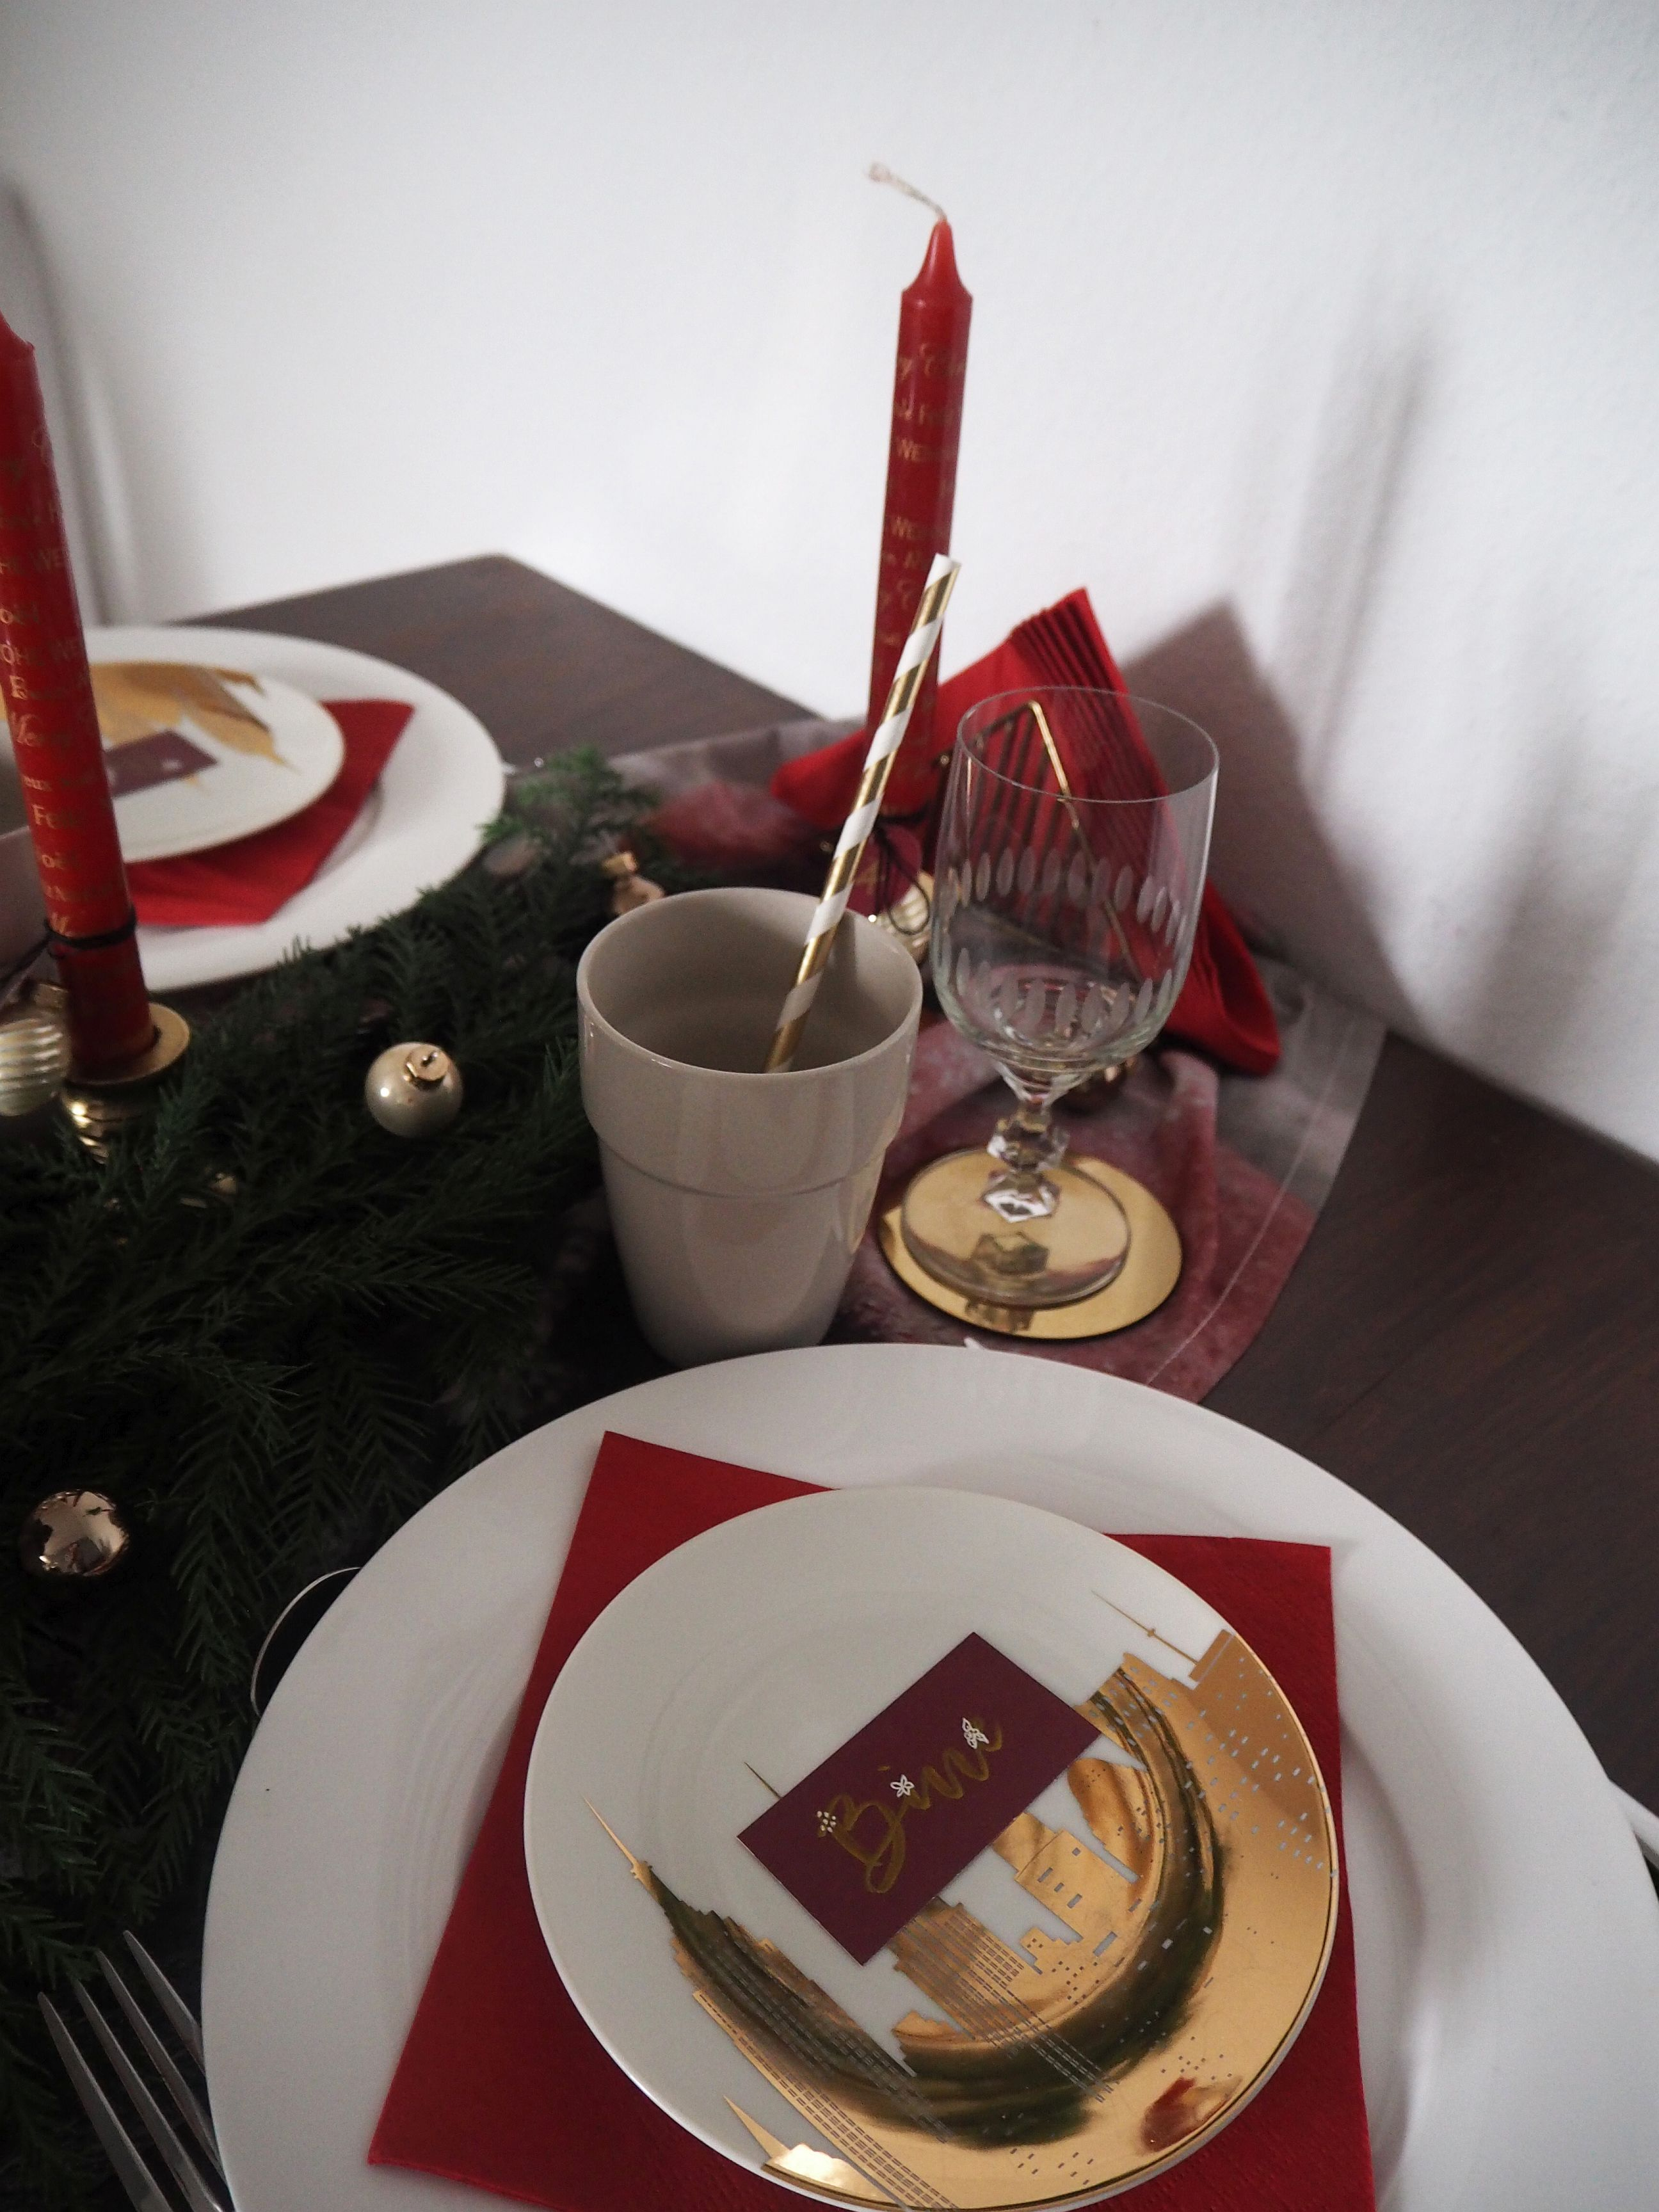 2017-12-skoen-och-kreativ-interior-tischdeko-klassisch-rot-weihnachtstisch (12)